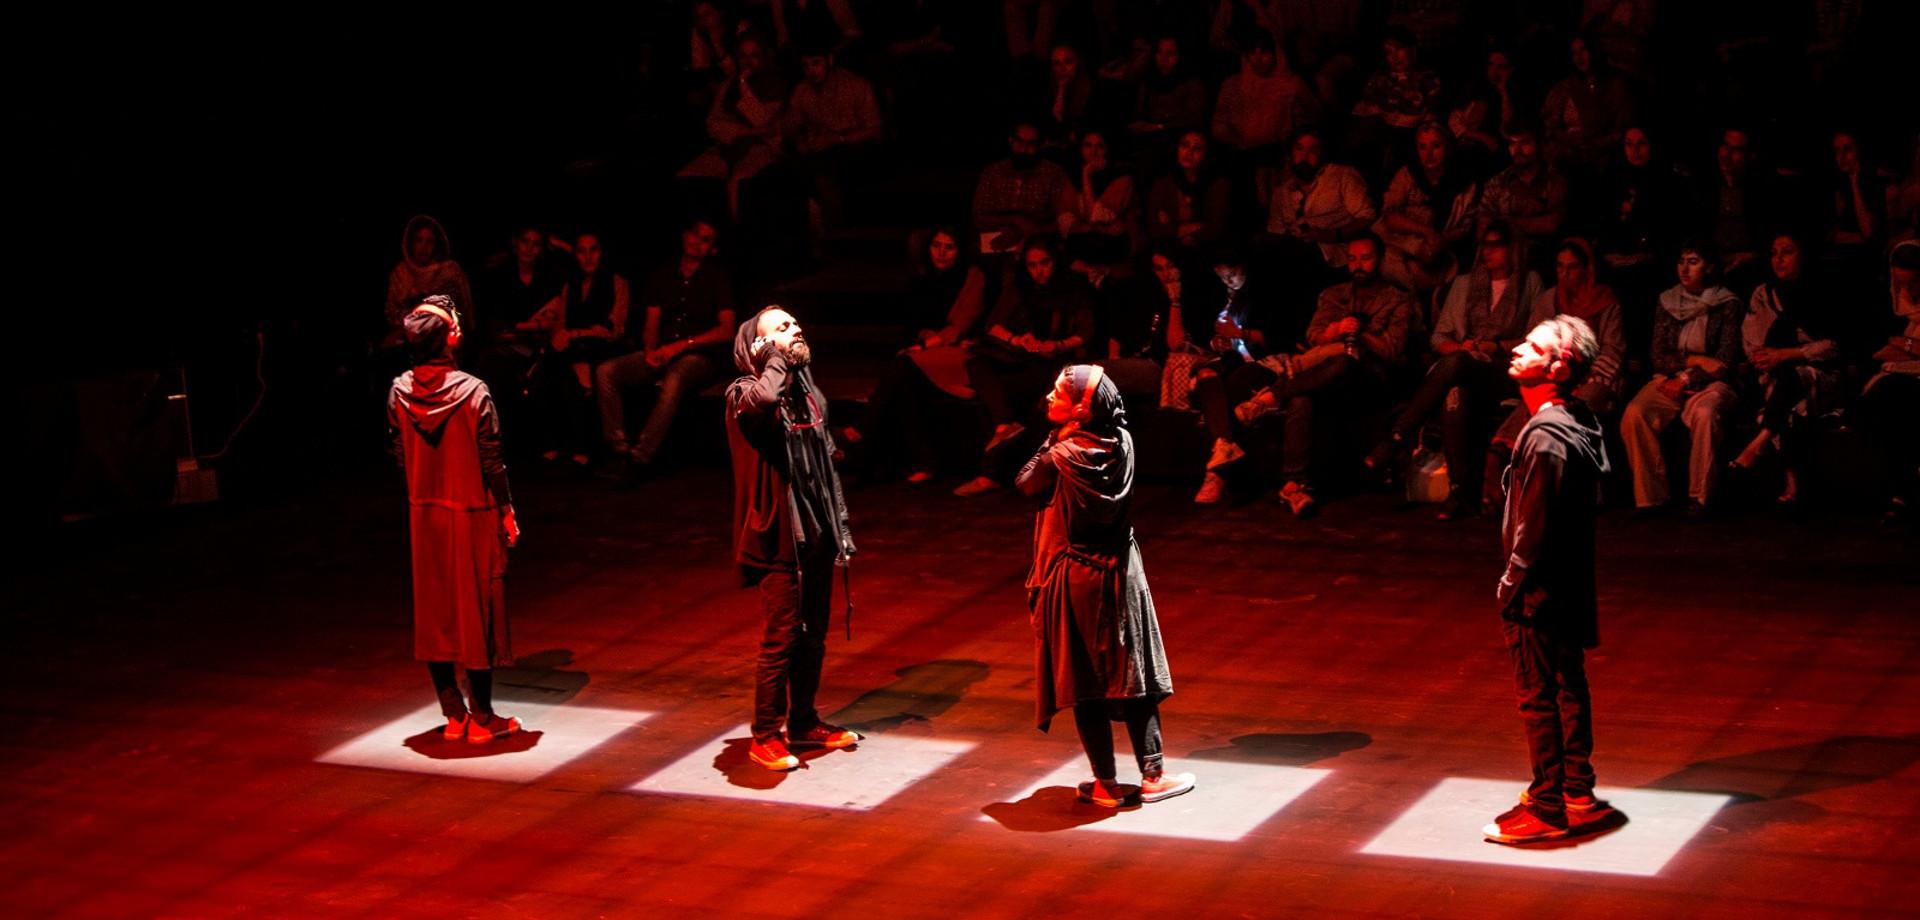 Αφσανέχ Μαχιάν – Shieveh Theatre Company: Από το υπόγειο στην ταράτσα της Μαχίν Σαντρί